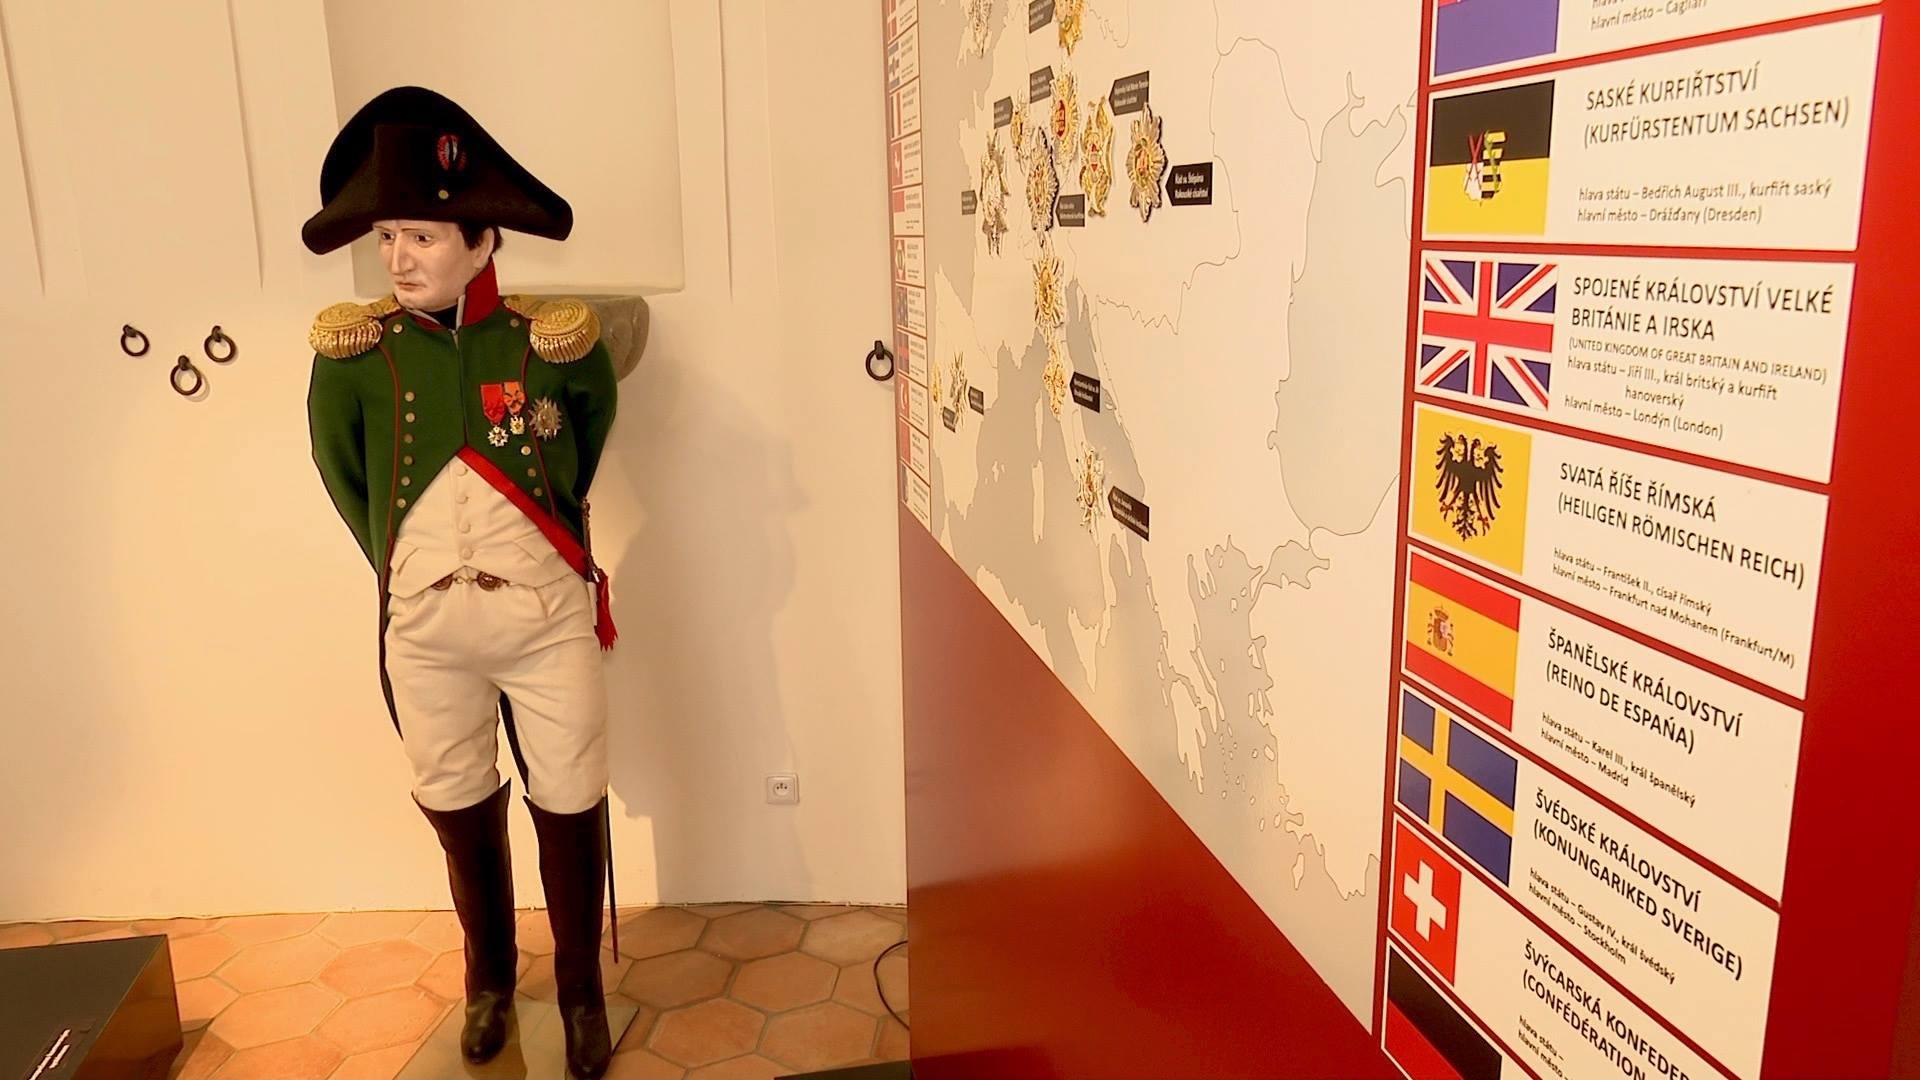 Soud opět řeší napoleonskou expozici ve Slavkově. Spory se táhnou už pět let